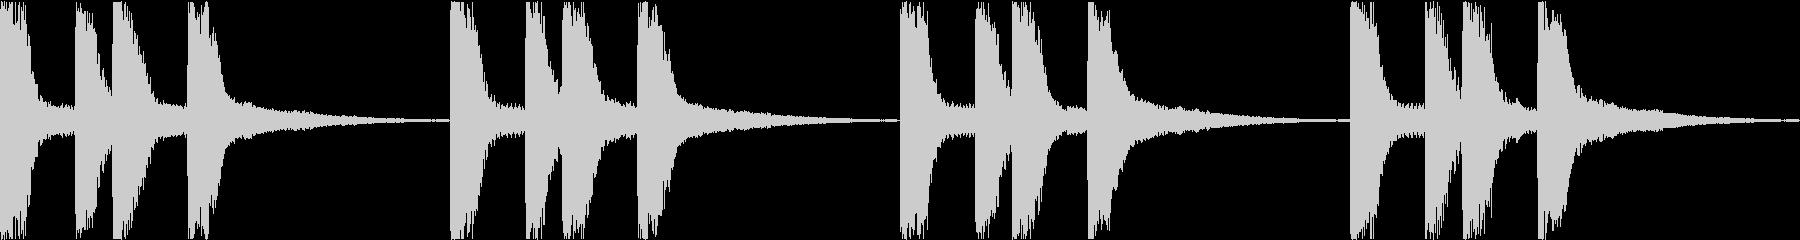 シンプル ベル 着信音 チャイム B-7の未再生の波形